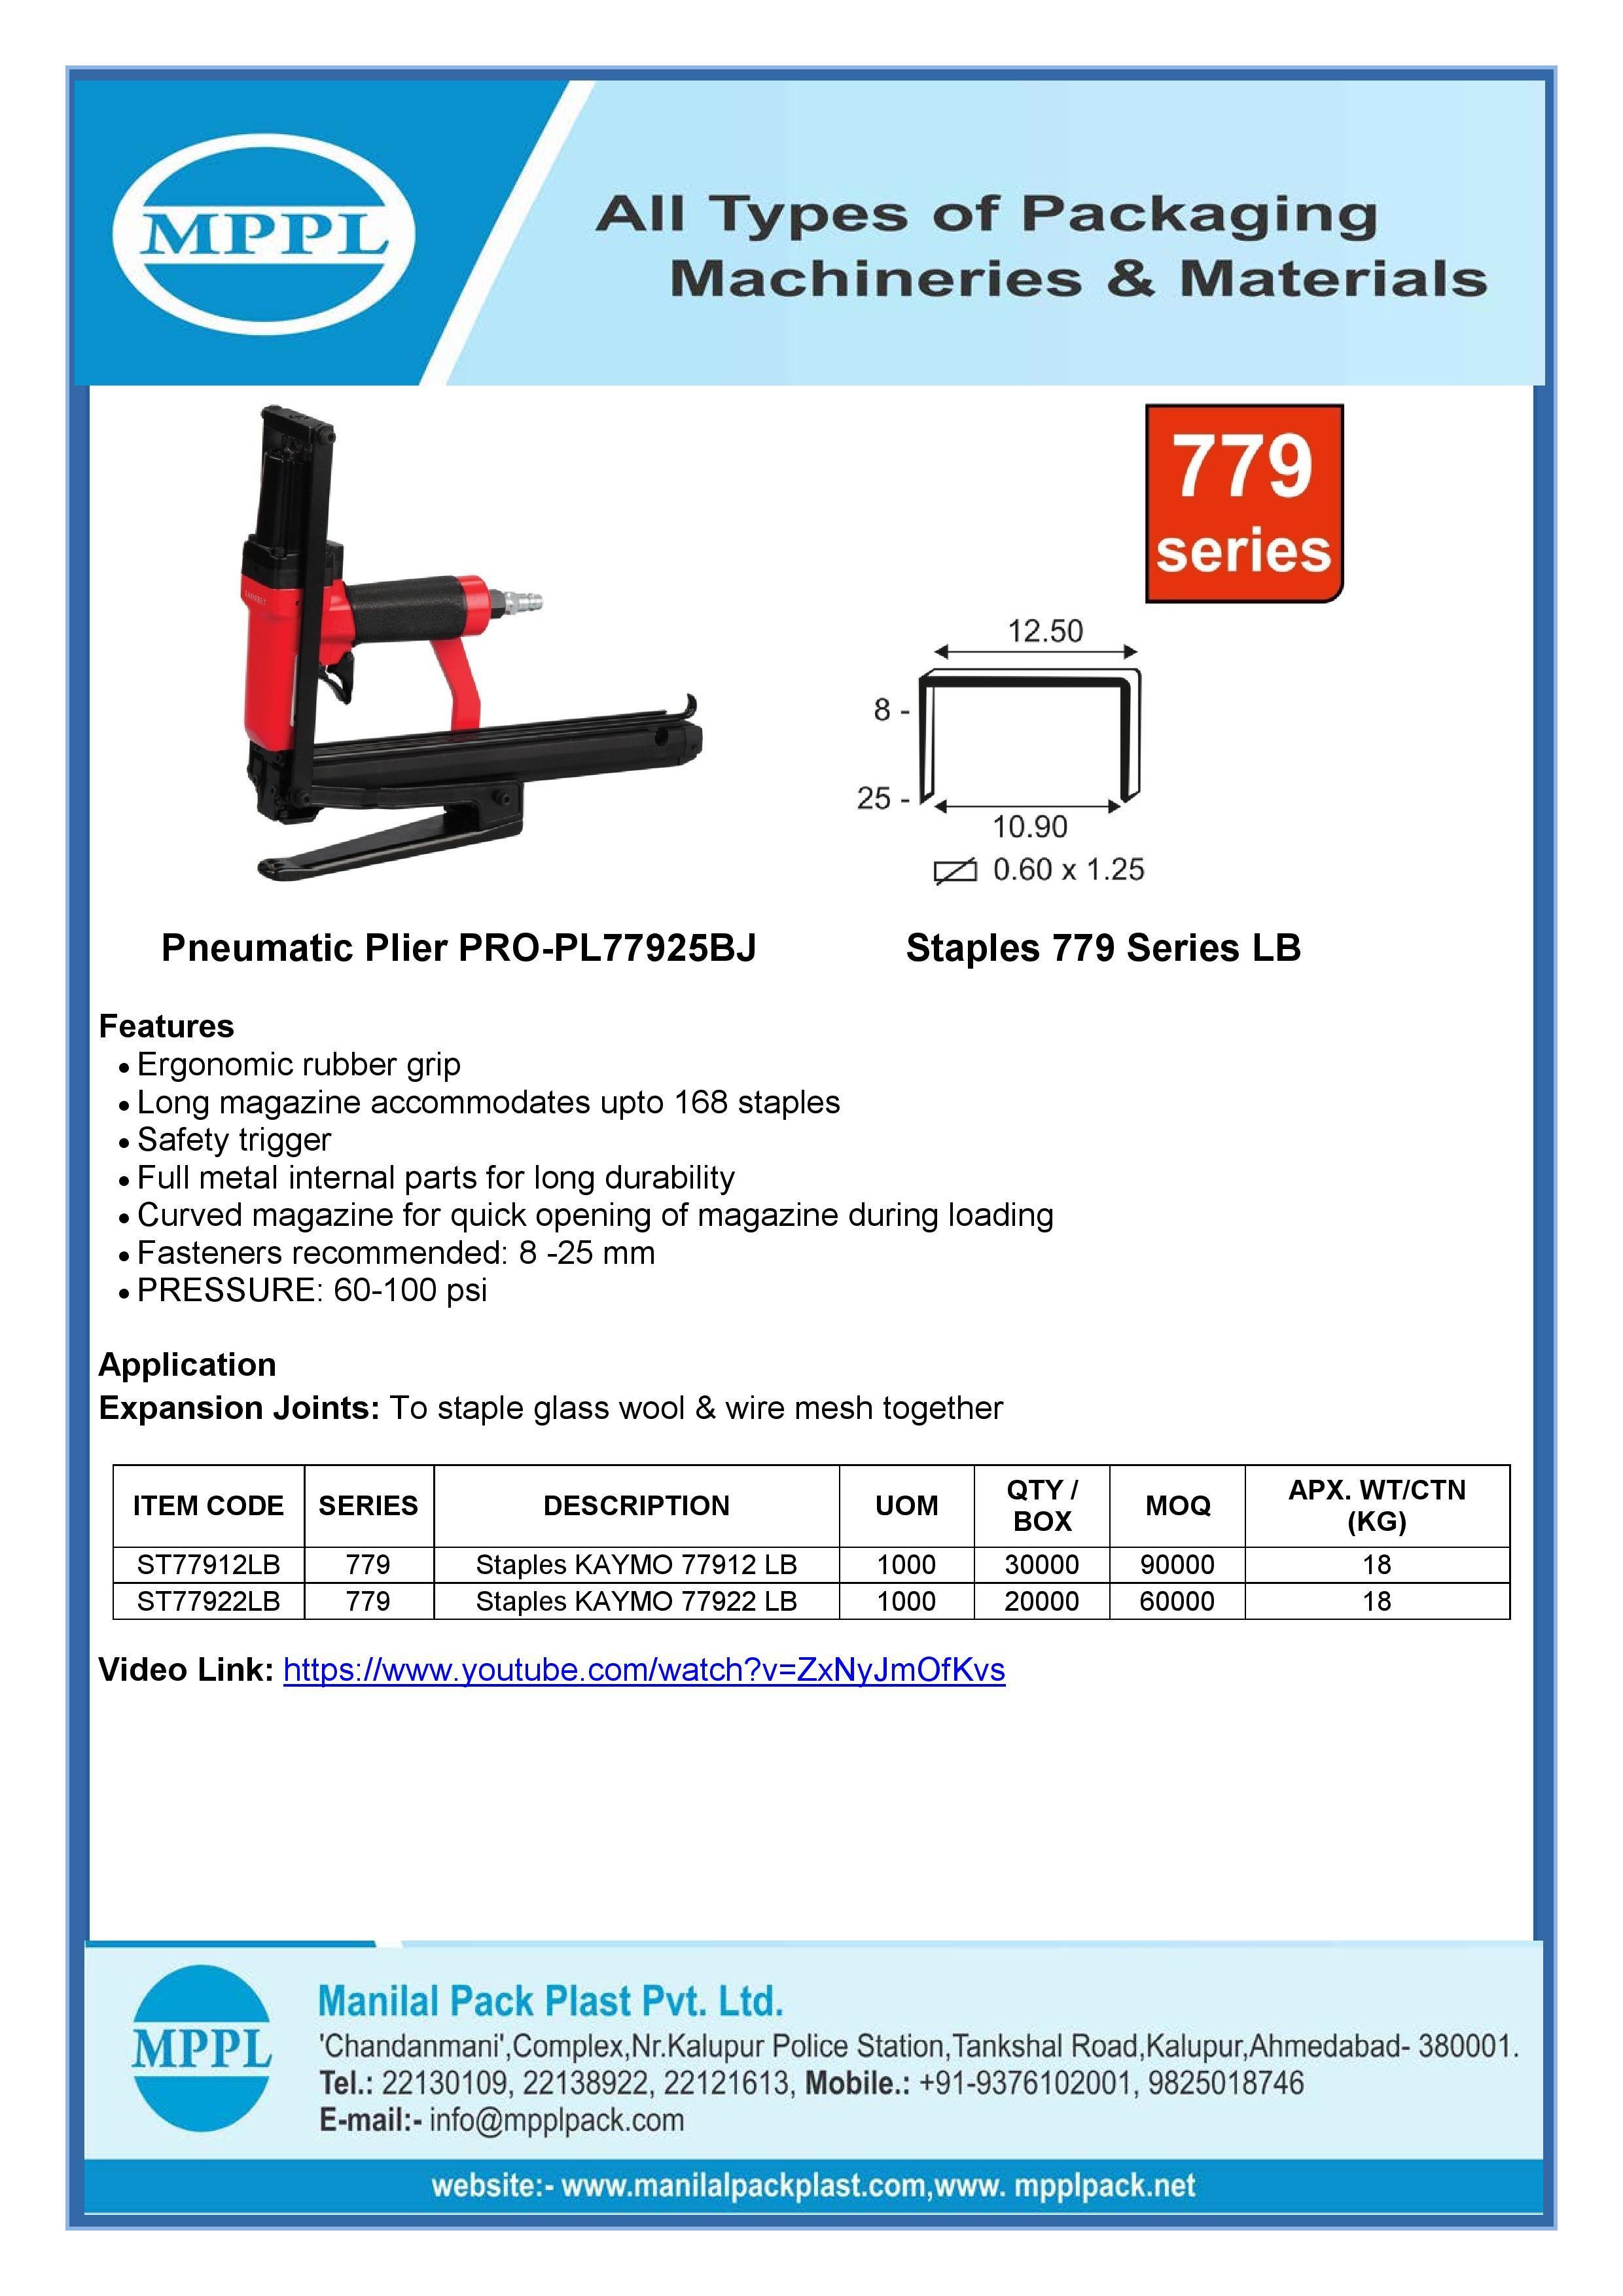 Pneumatic Plier PRO-PL77925BJ